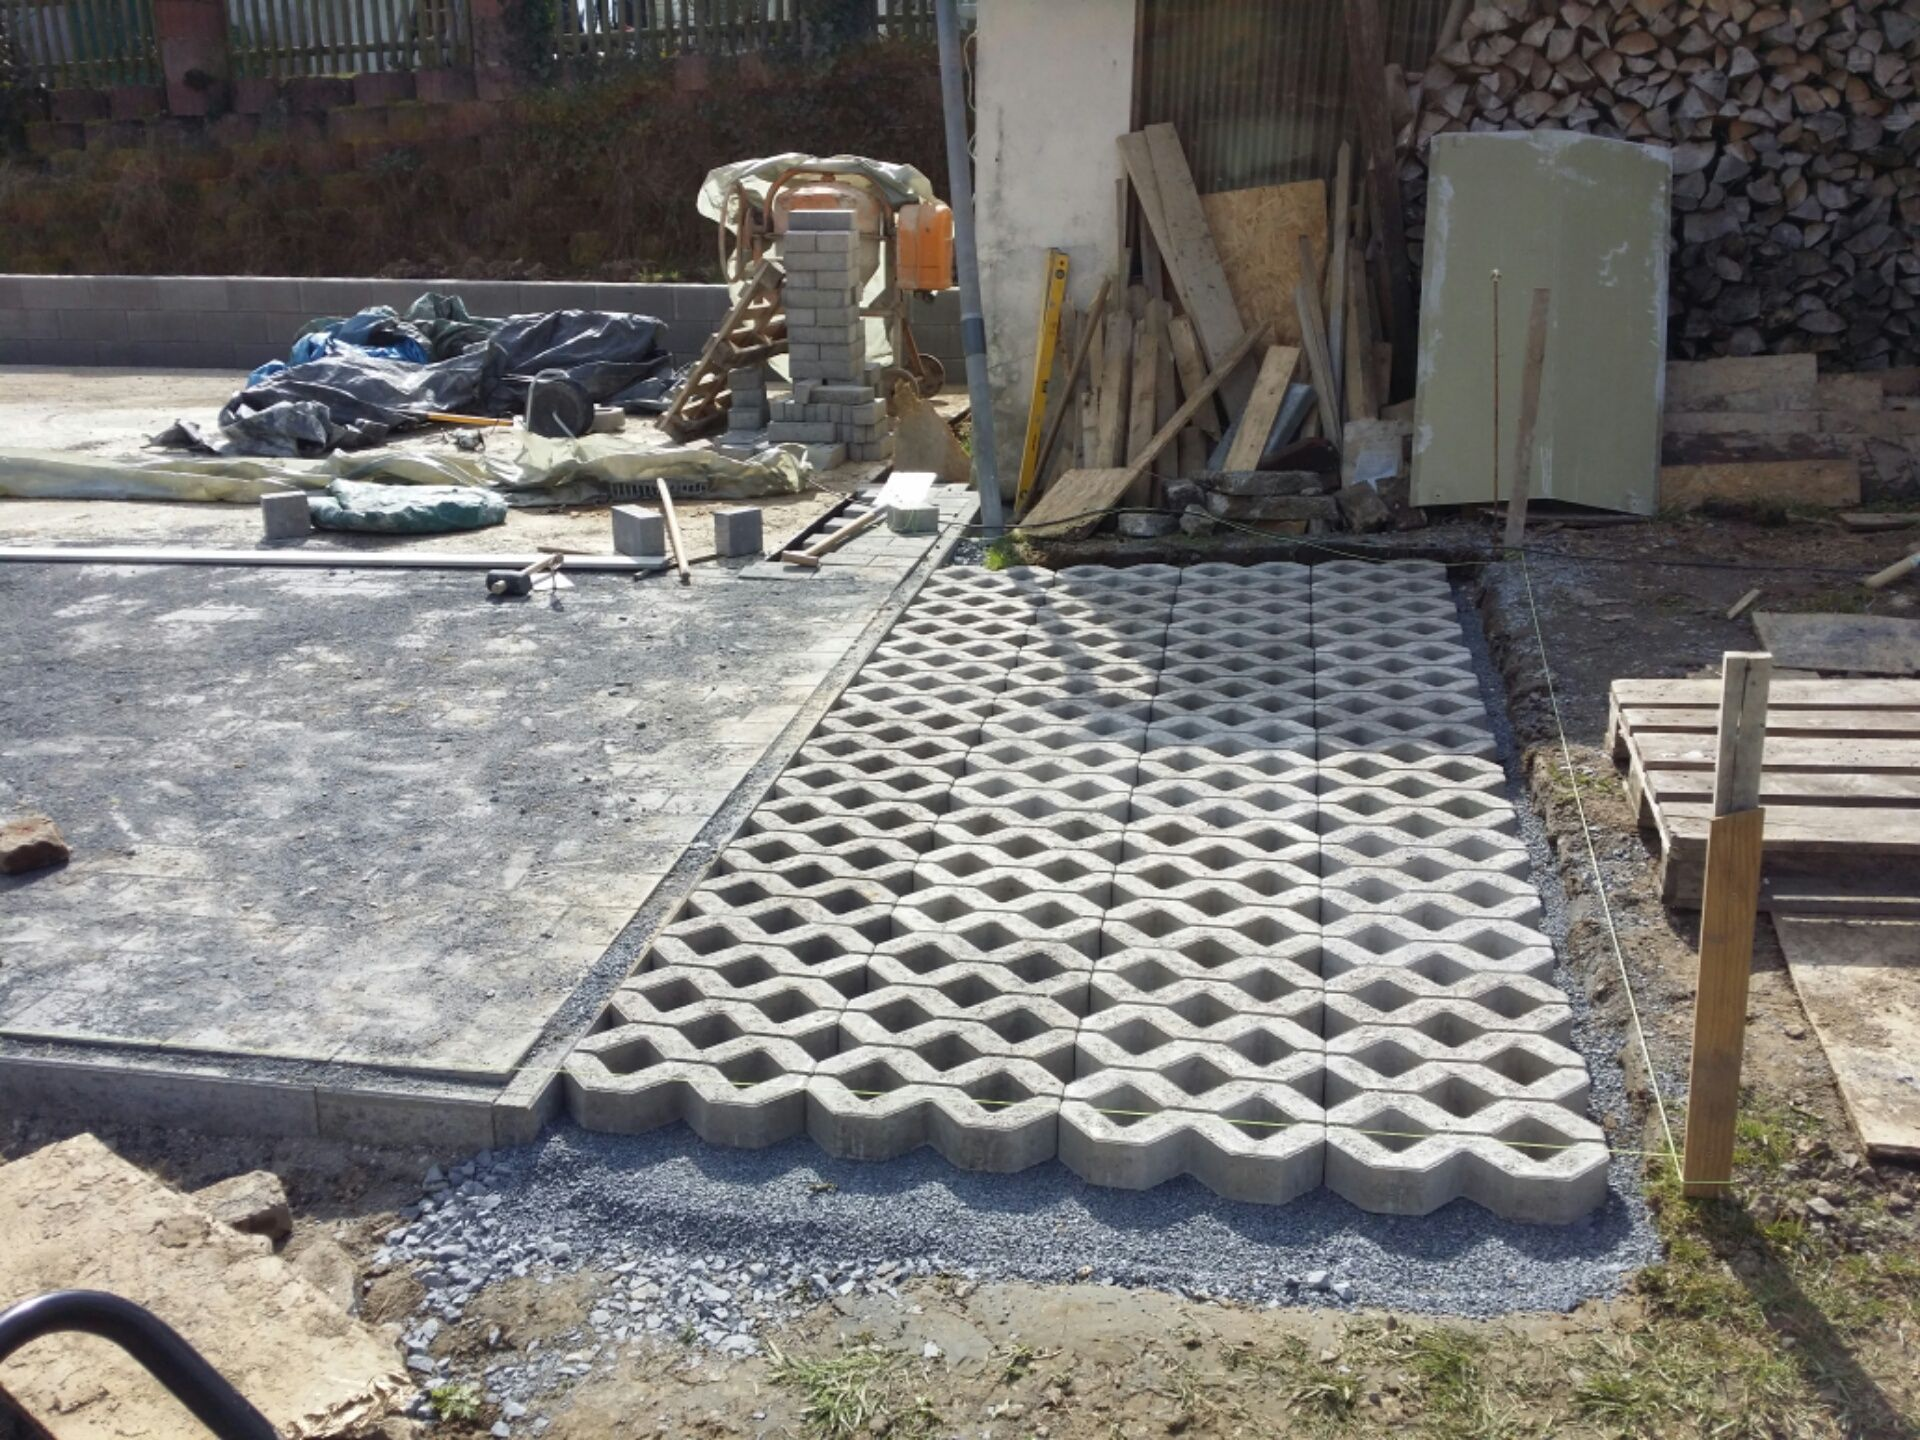 rasengittersteine oder rasenlochsteine verlegen bauanleitung zum einfahrten. Black Bedroom Furniture Sets. Home Design Ideas